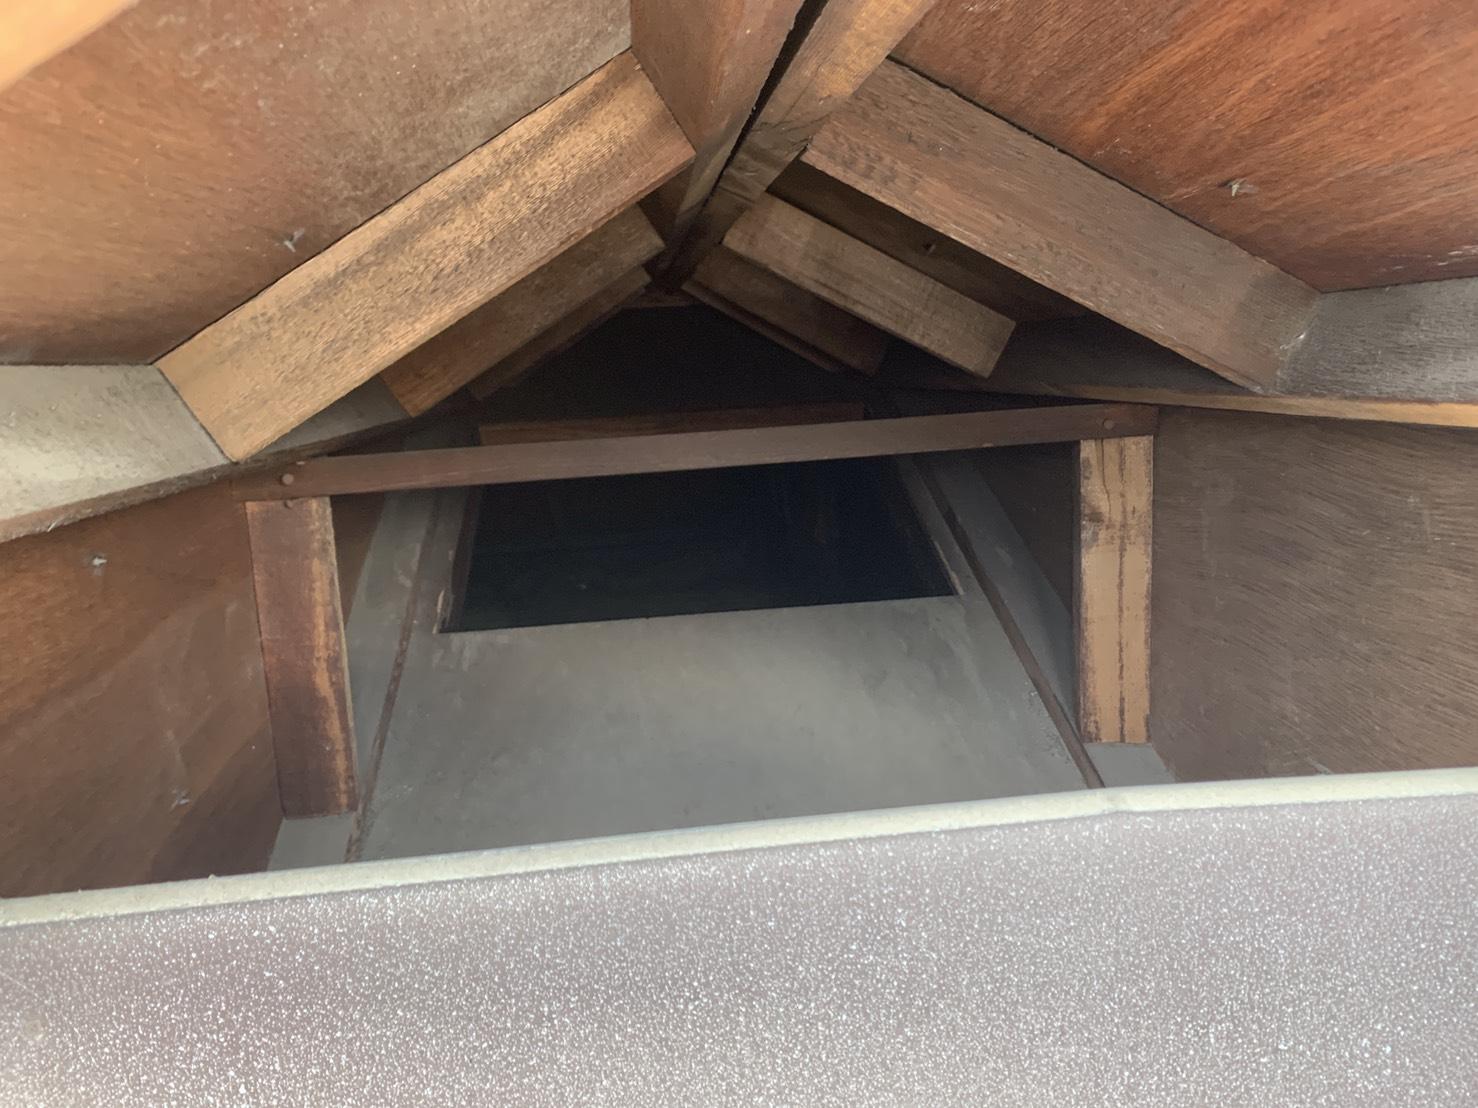 神戸市西区で飛散した鳩小屋の中の様子